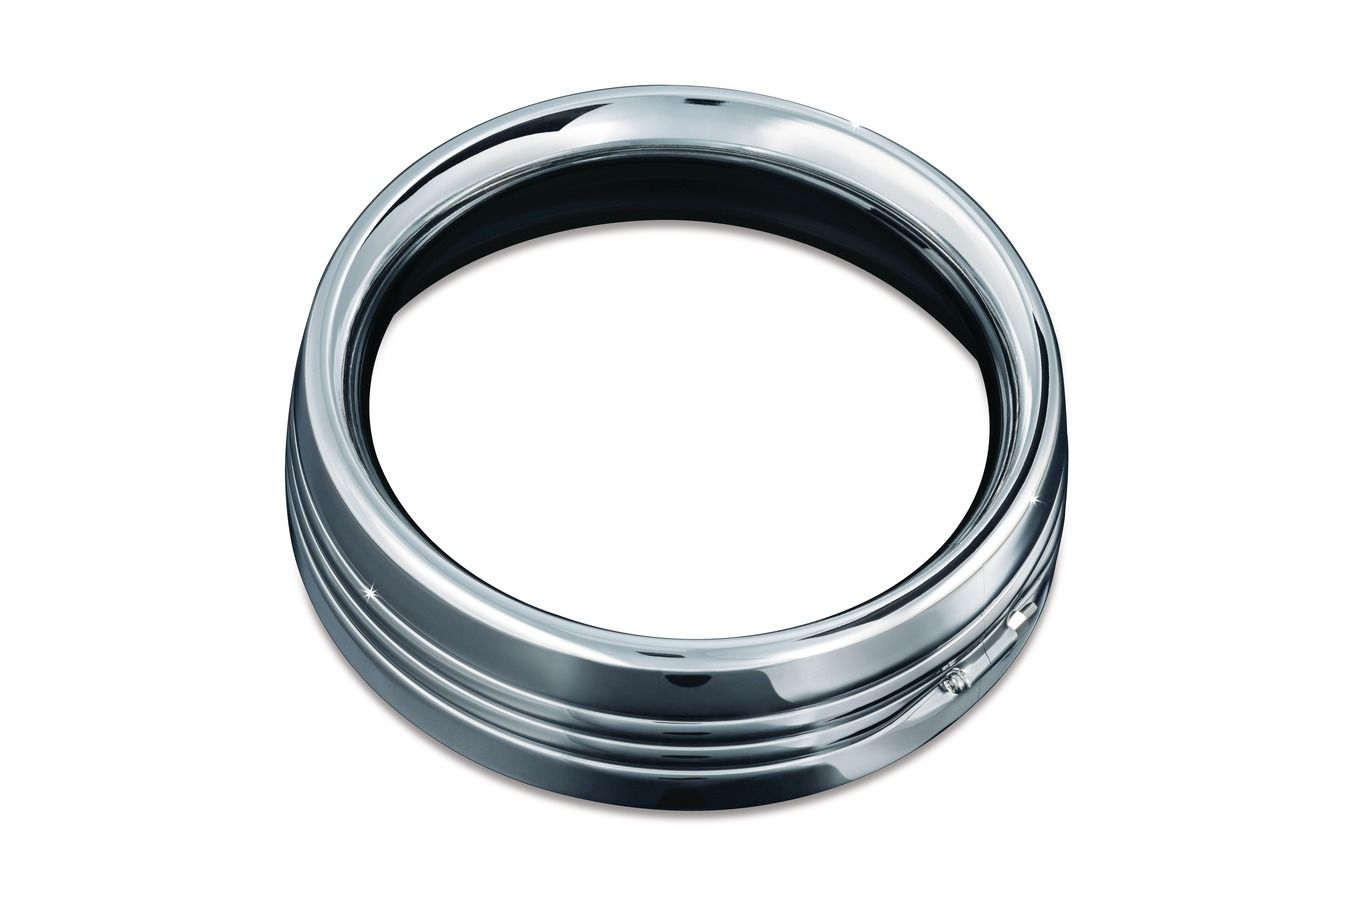 ヘッドライト Kuryakynクロムトリムリング(7インチヘッドライト用)(ea) Kuryakyn Chrome Trim Ring for 7